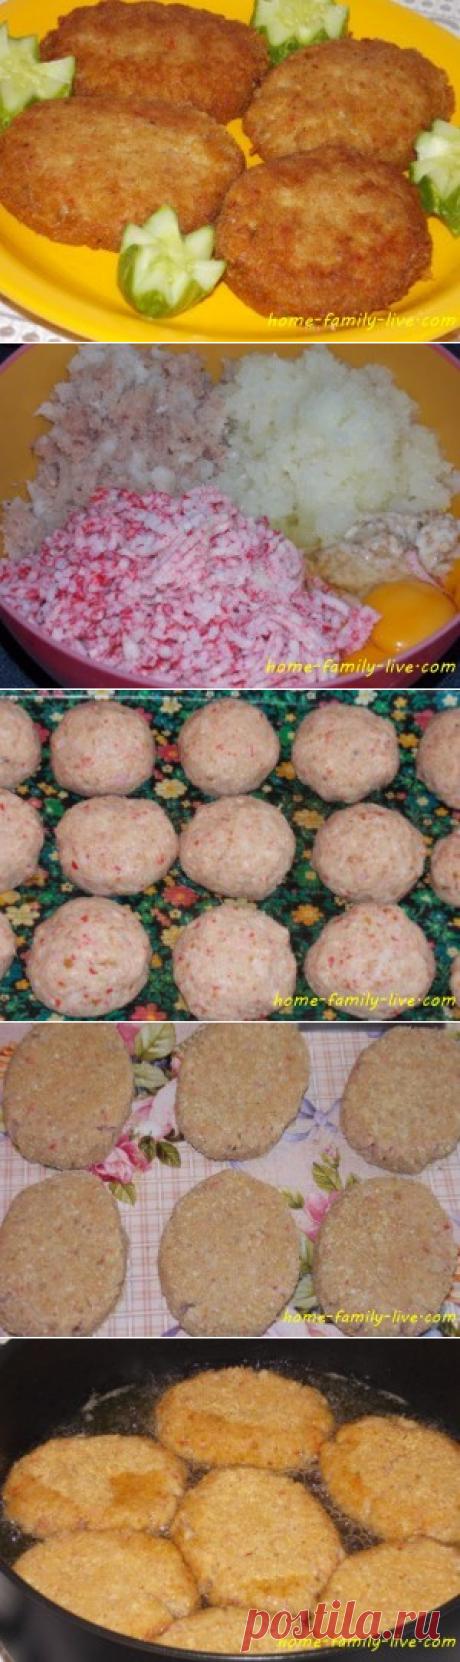 Рыбные котлеты/Сайт с пошаговыми рецептами с фото для тех кто любит готовить